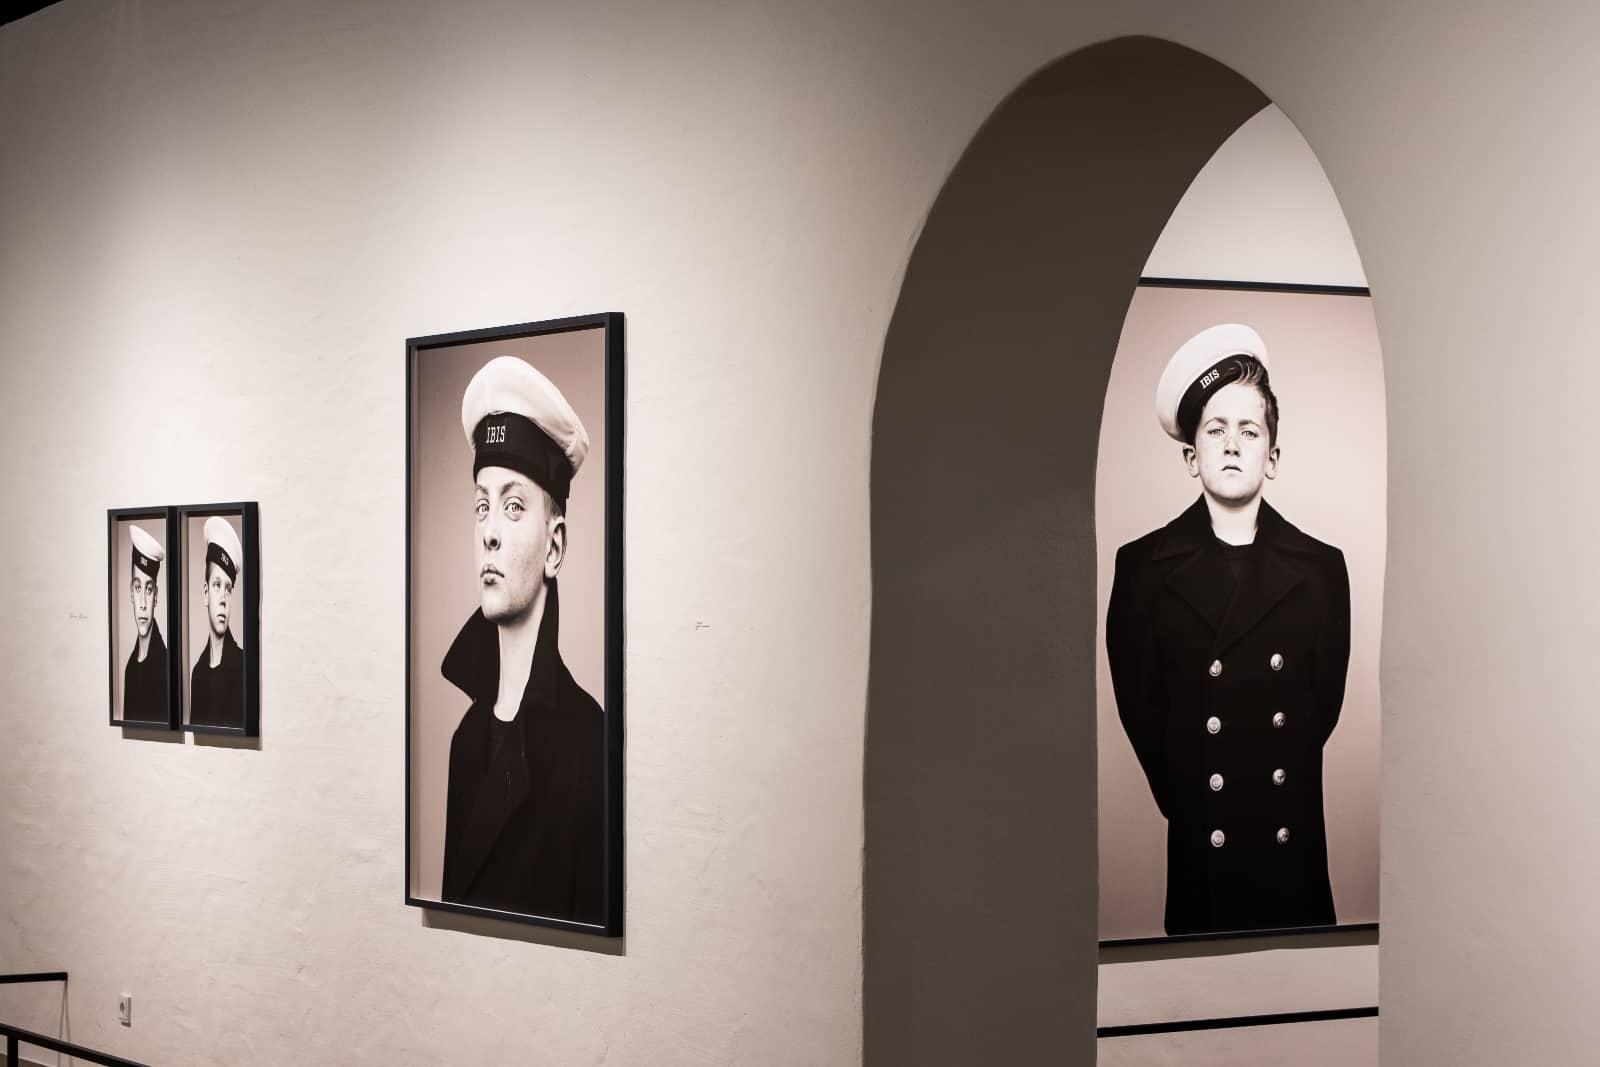 foto: © Twycer - Engelen van de Zee Stephan Vanfleteren, expositie Scheepvaartmuseum Amsterdam 2020